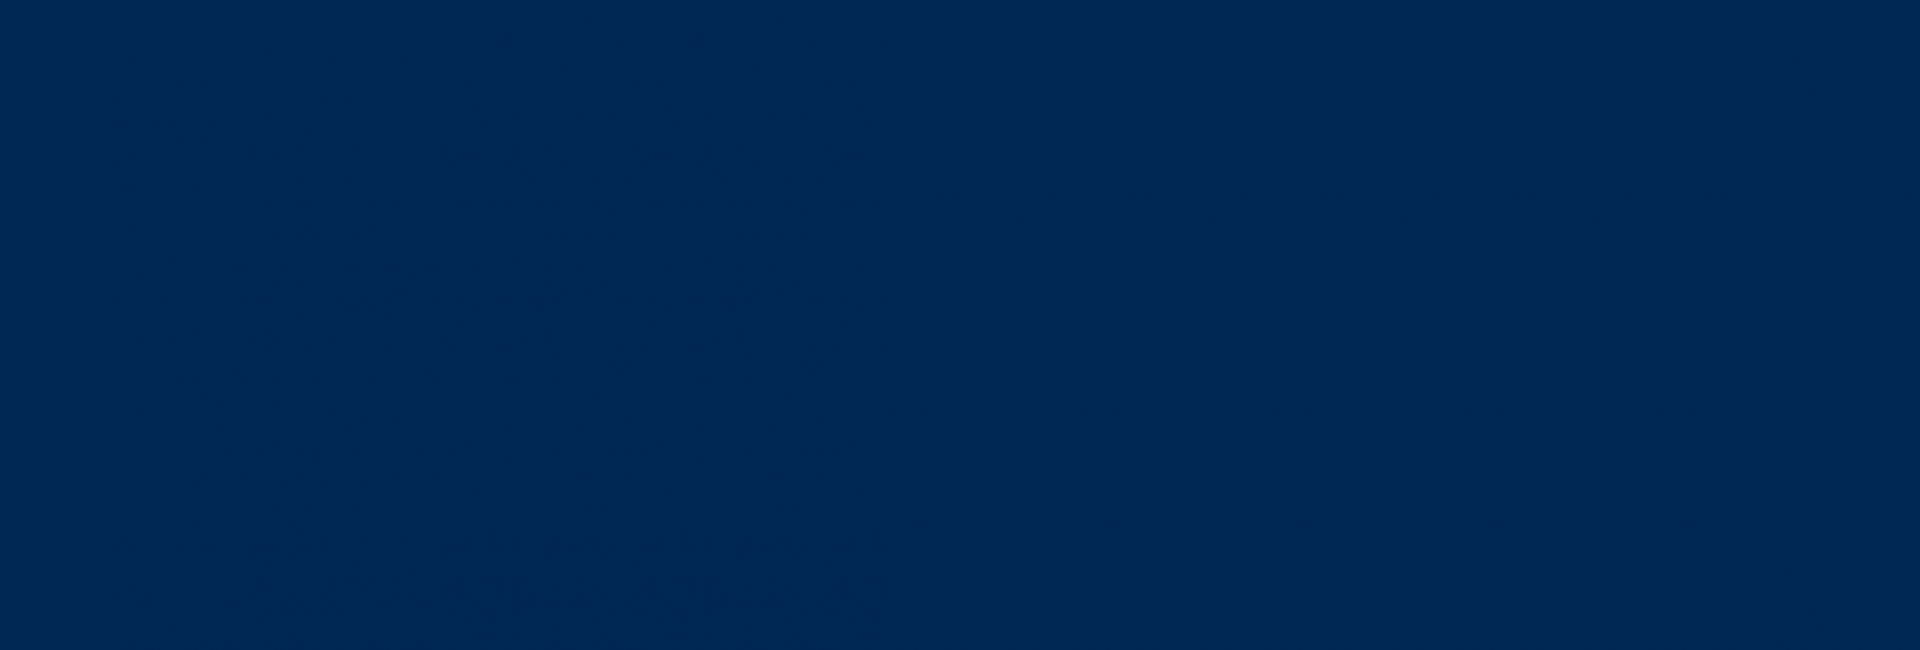 Blueair Where to buy Blueair air purifiers dark-blue-banner